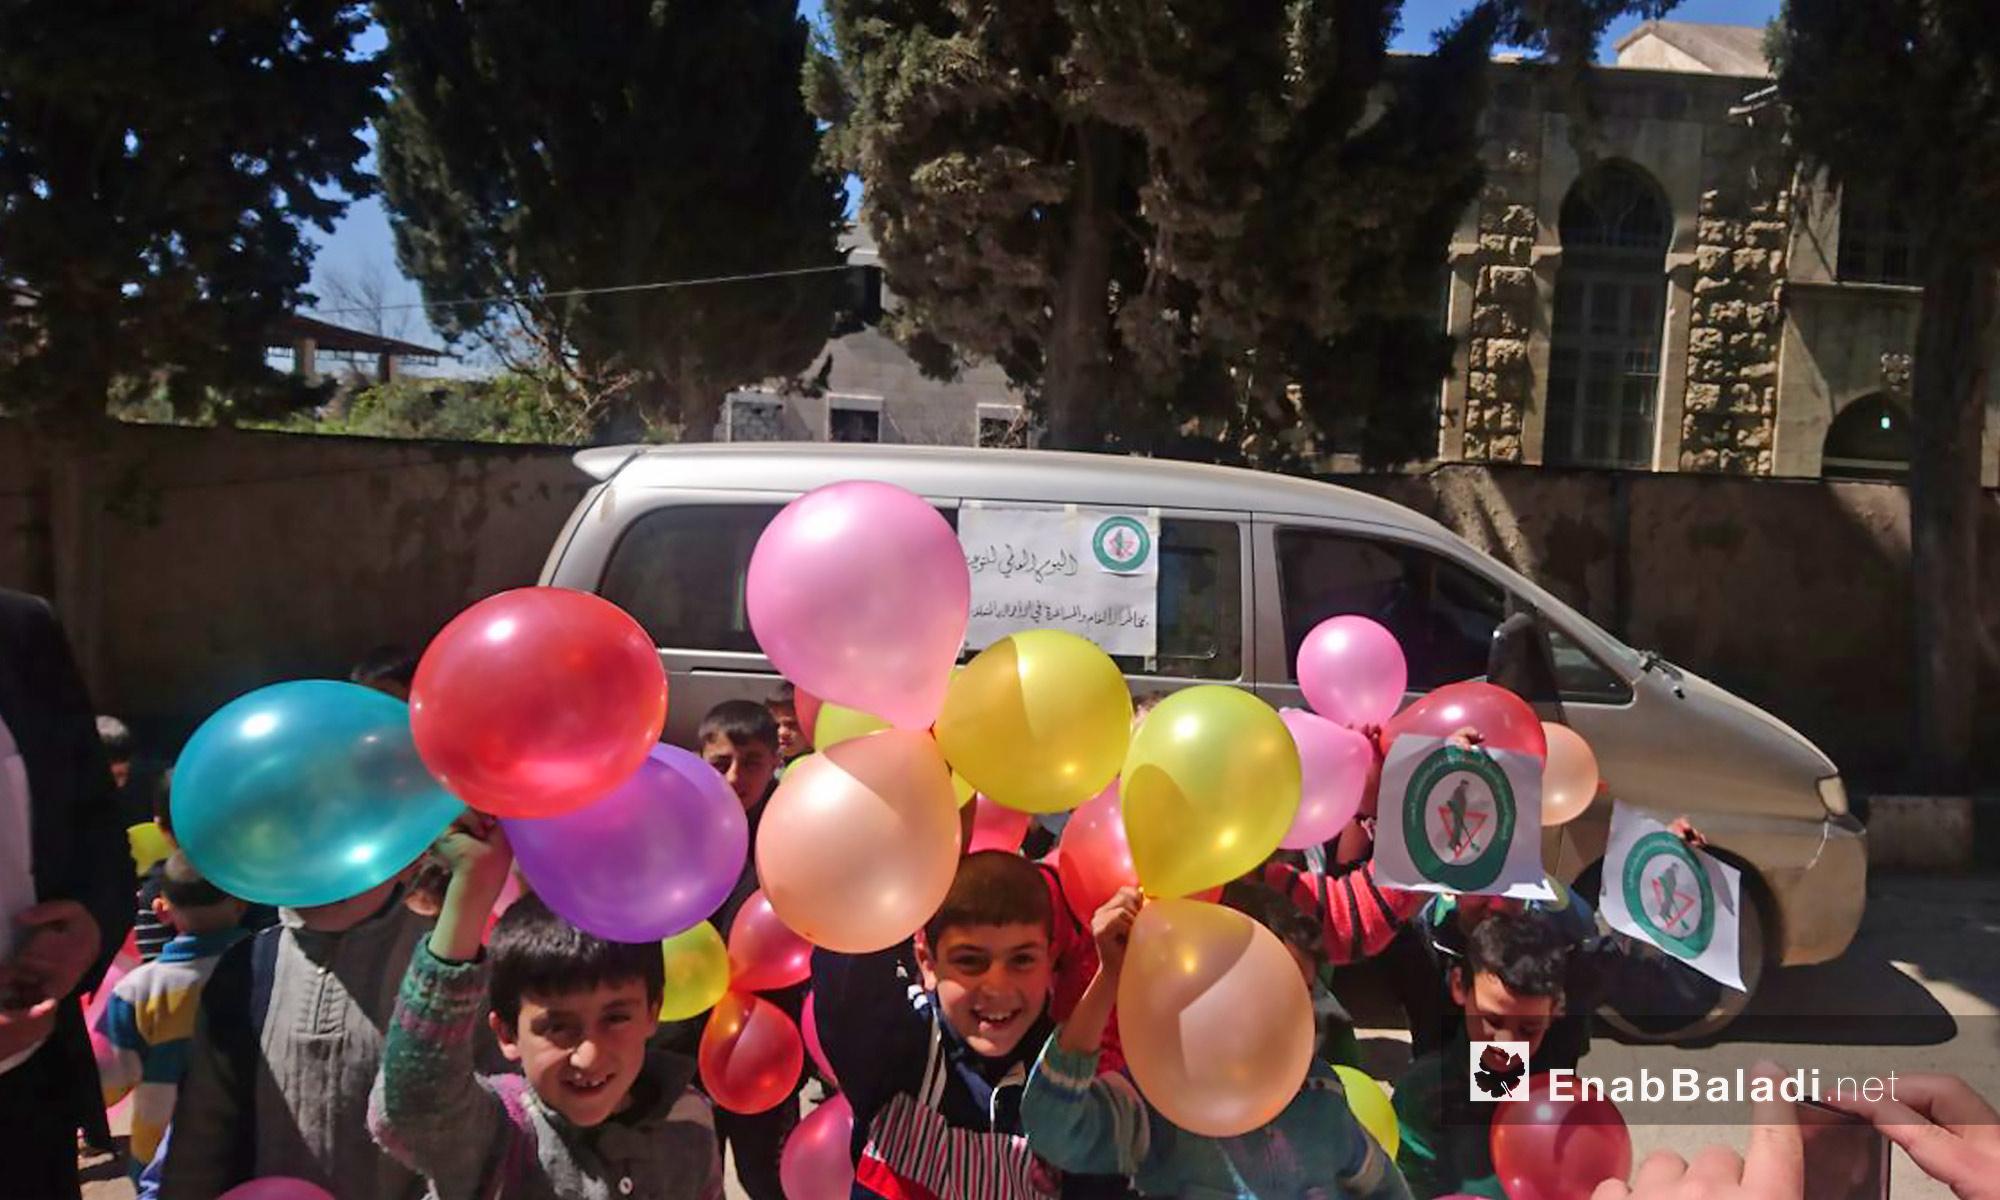 """احتفالية بمناسبة اليوم العالمي للتوعية من مخاطر الألغام، أطلقها المركز السوري للأعمال المتعلقة بالألغام ومخلفات الحرب   SMAC بالتعاون مع مركز """"في ايد امينة"""" بمدرسة للأطفال الأيتام في مدينة إعزاز بريف حلب الشمالي - 4 نيسان 2017 (عنب بلدي)"""